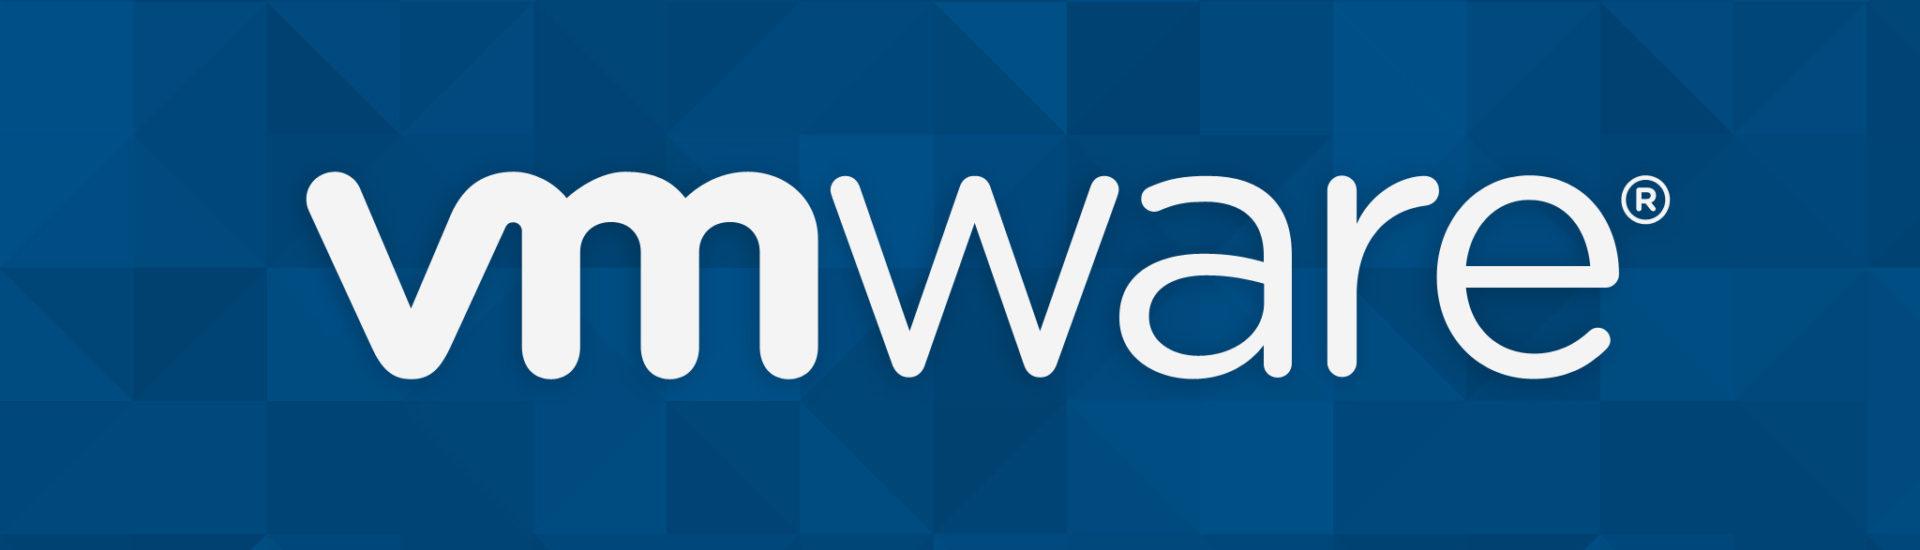 vm_ware-1